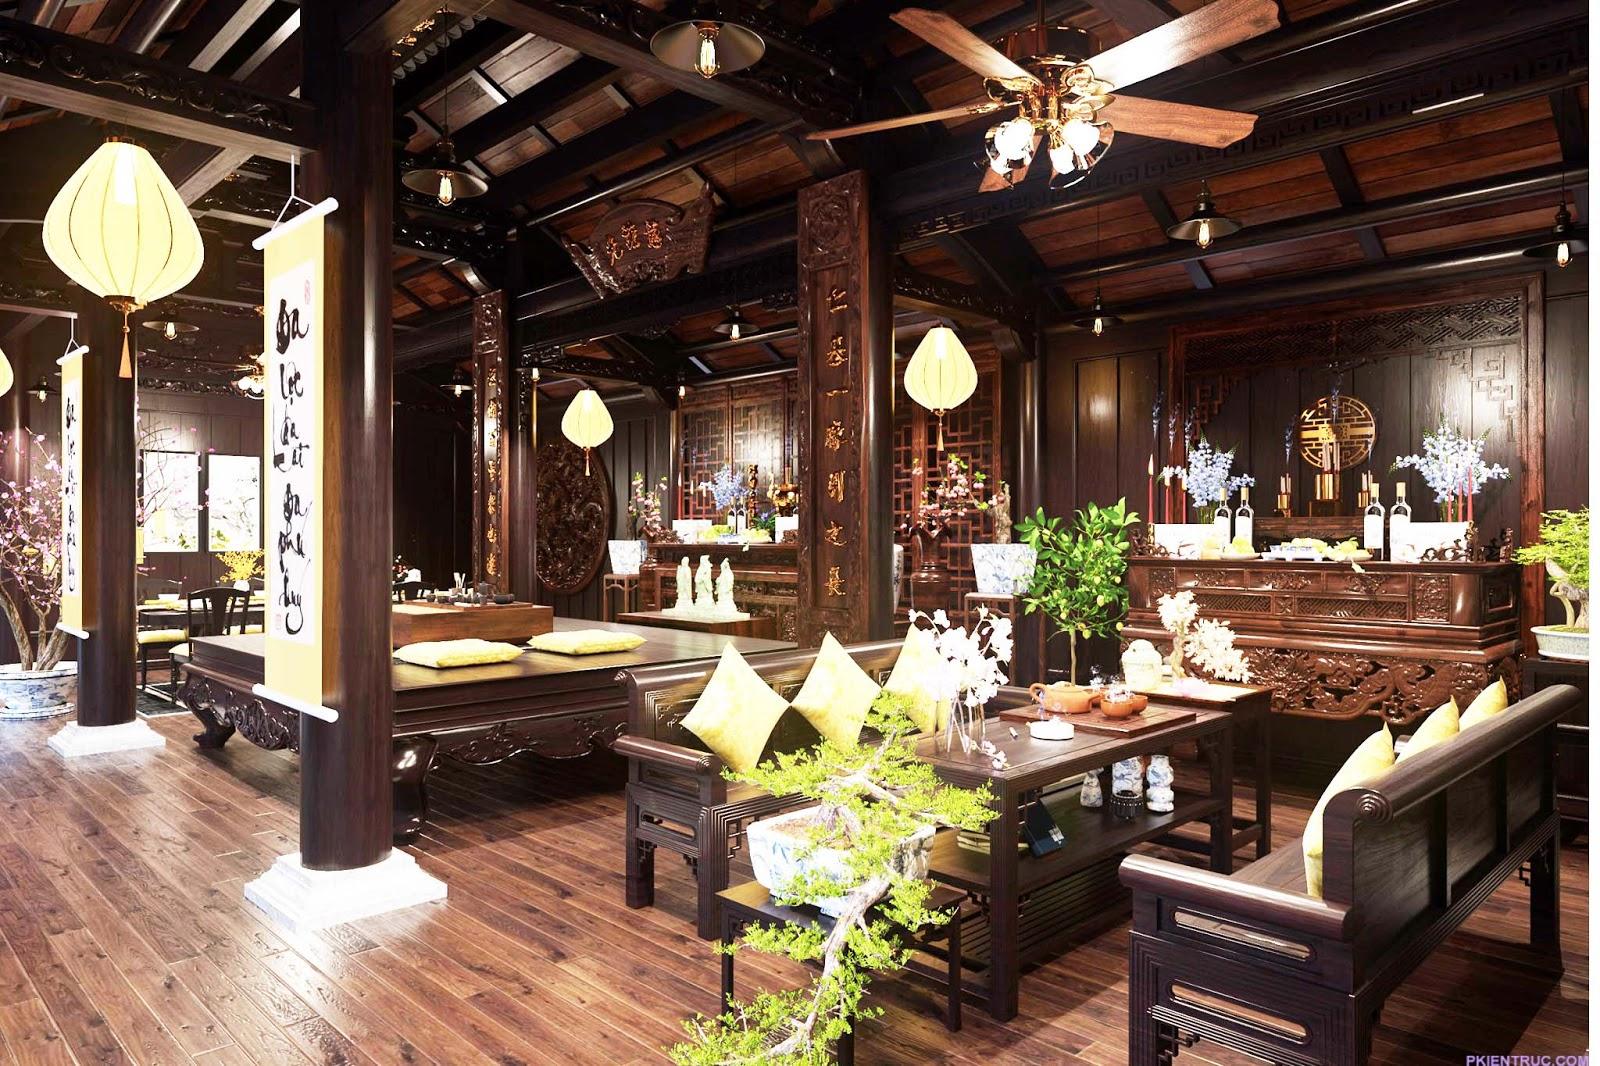 Nội thất nhà gỗ truyền thống